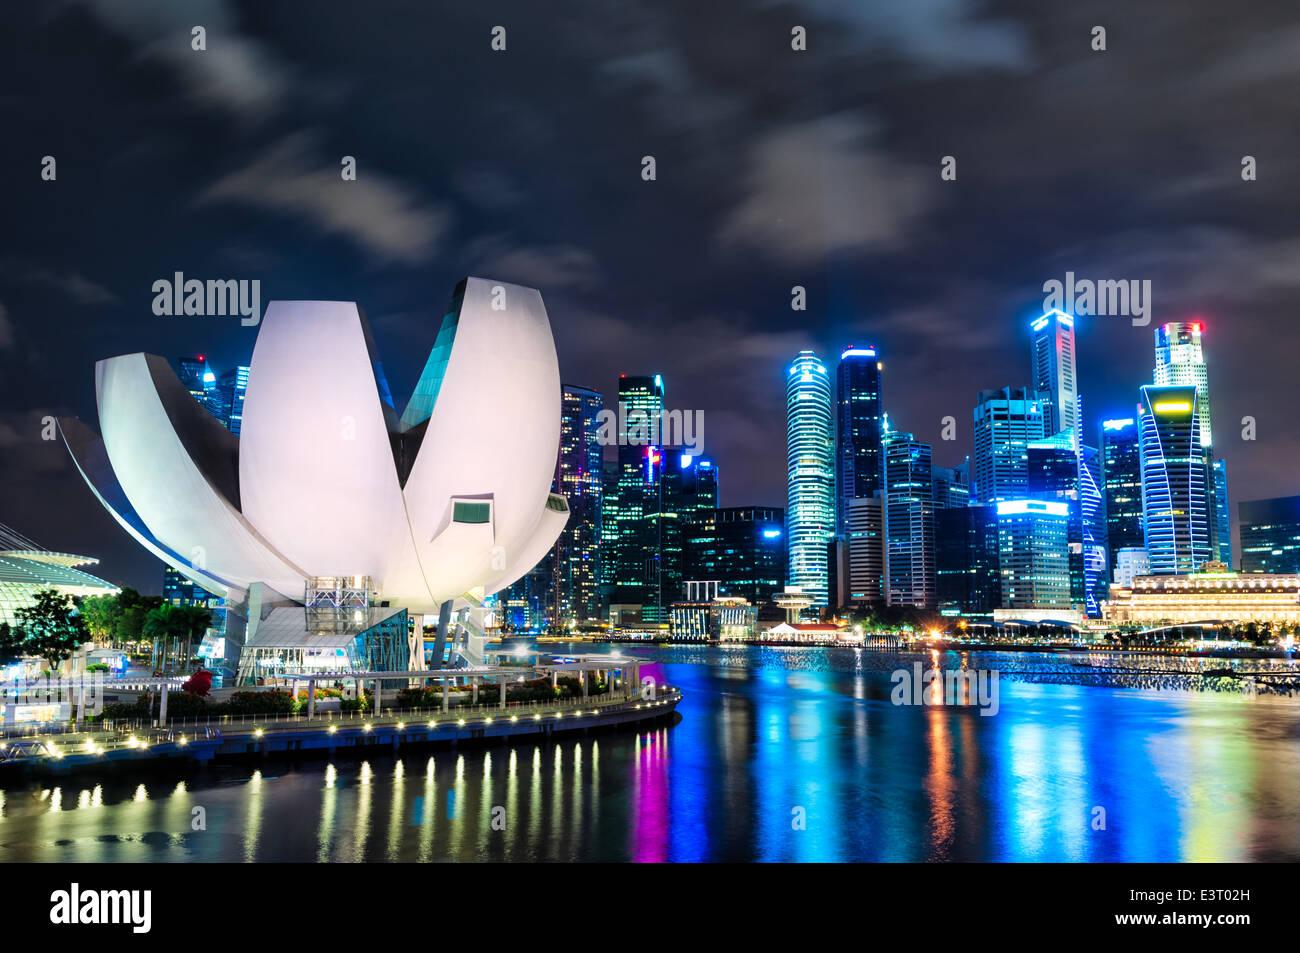 La skyline di Singapore di notte con il museo ArtScience in primo piano. Immagini Stock